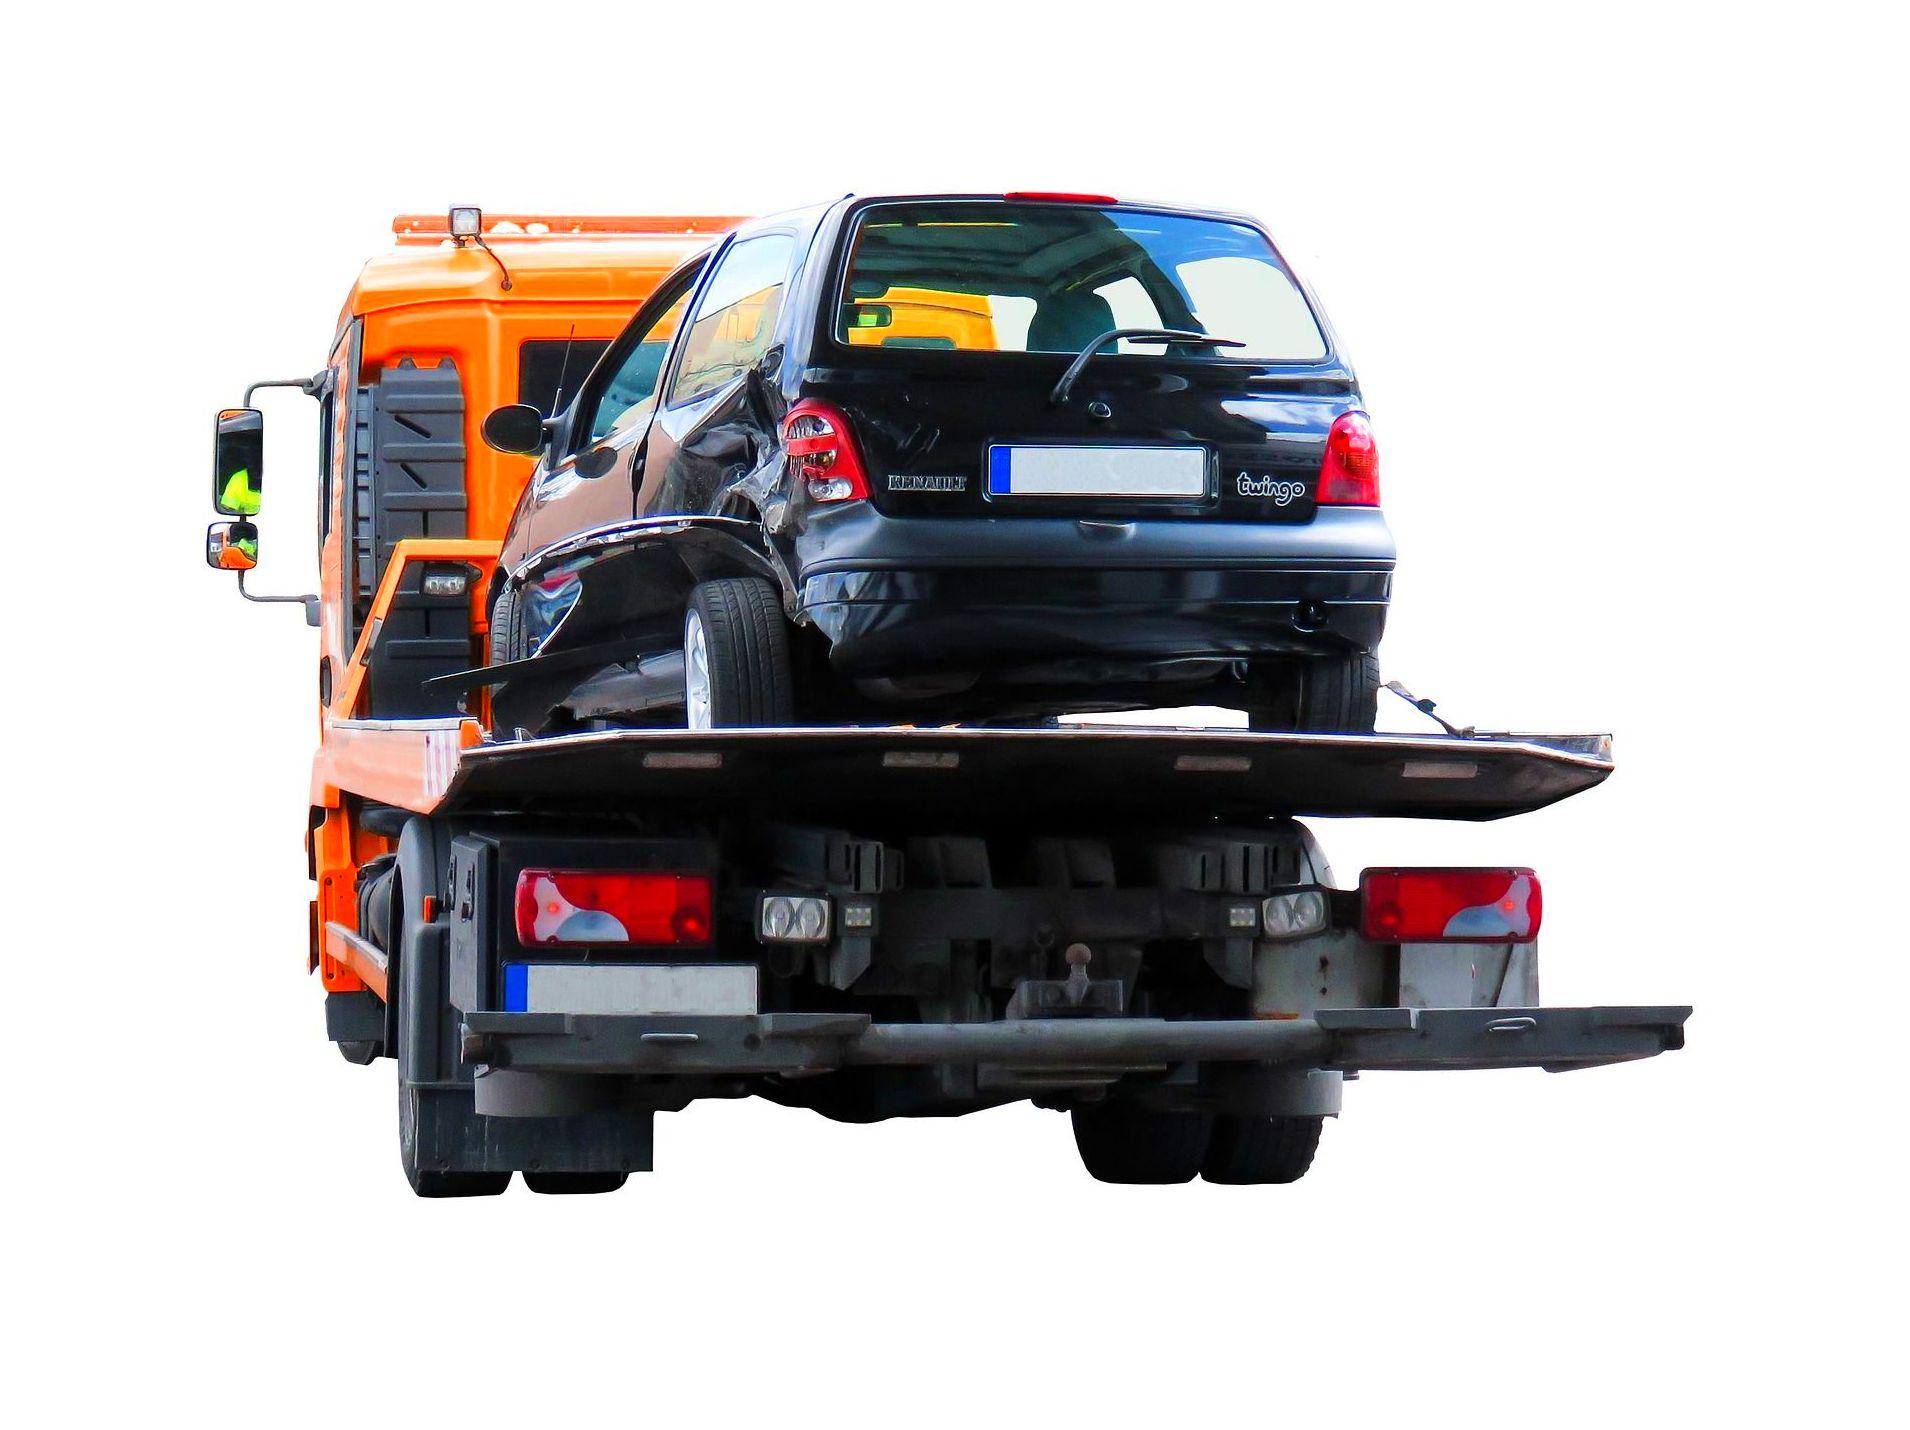 Reclamación de daños personales y materiales en accidentes de trafico